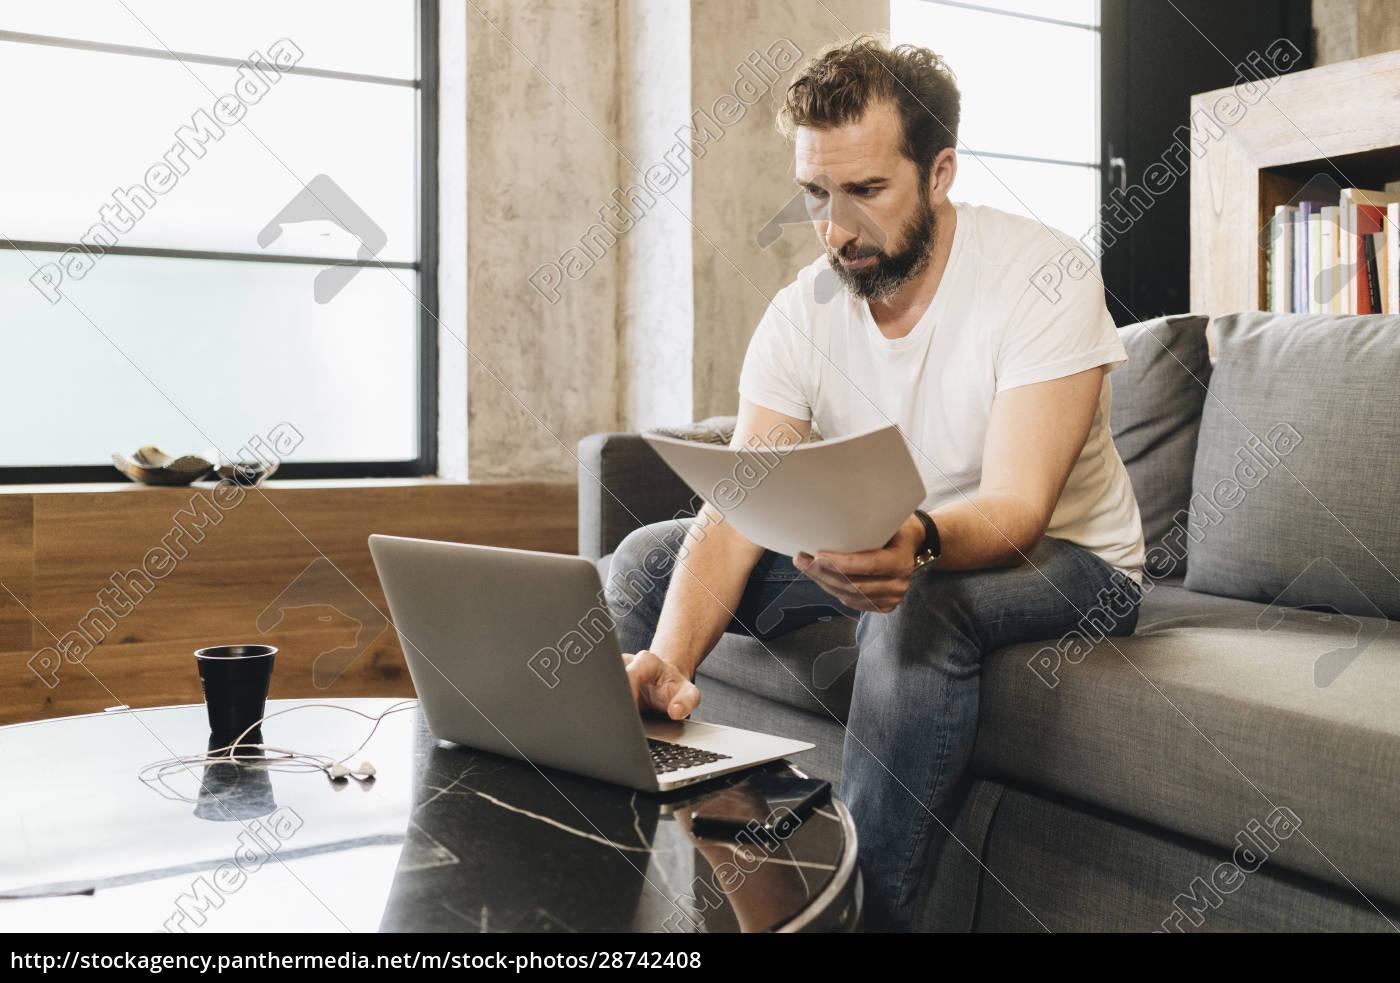 reifer, mann, der, auf, der, couch, sitzt, laptop - 28742408